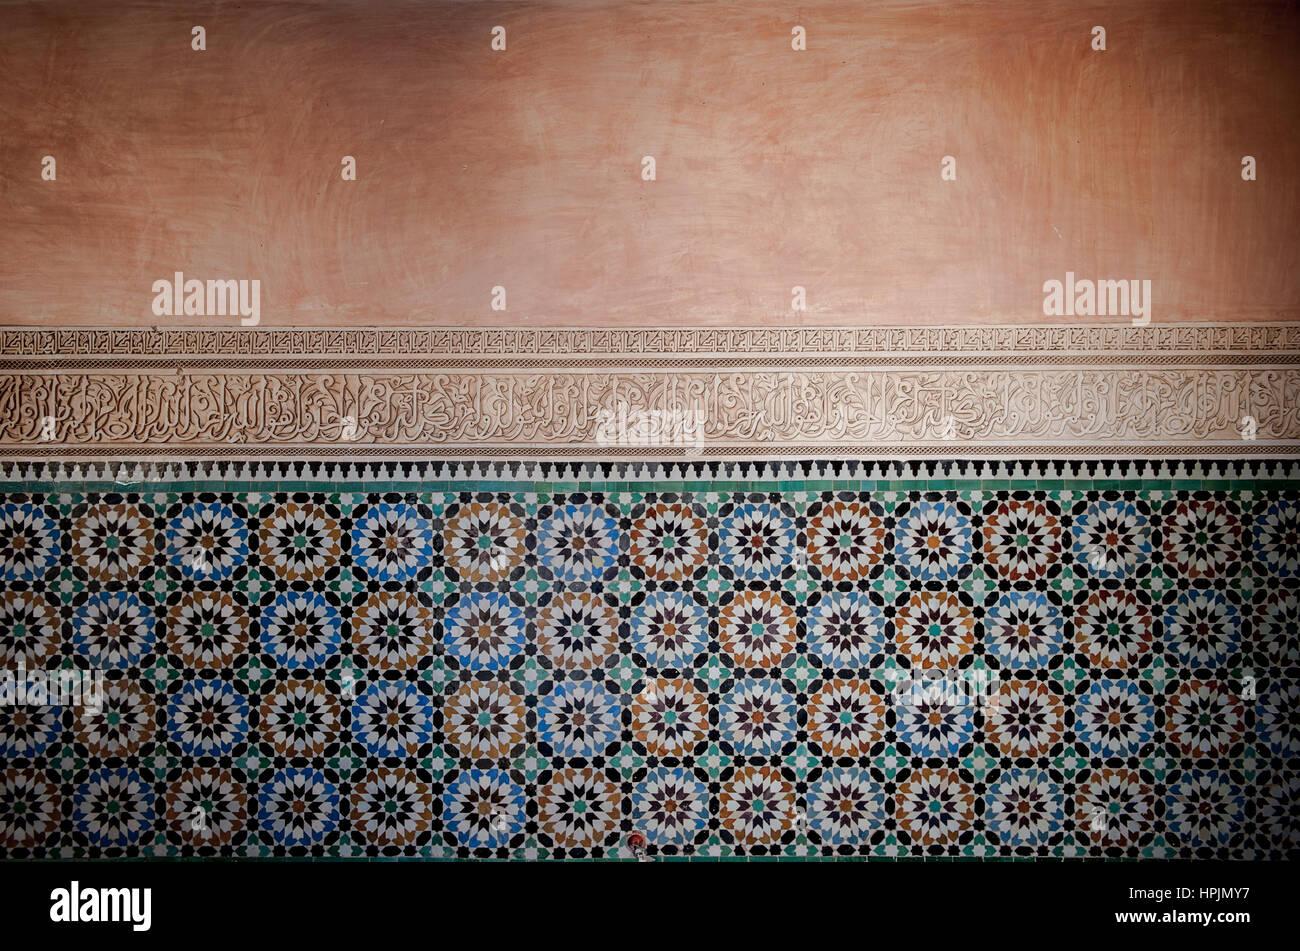 Piastrelle marocchine sfondo foto immagine stock alamy